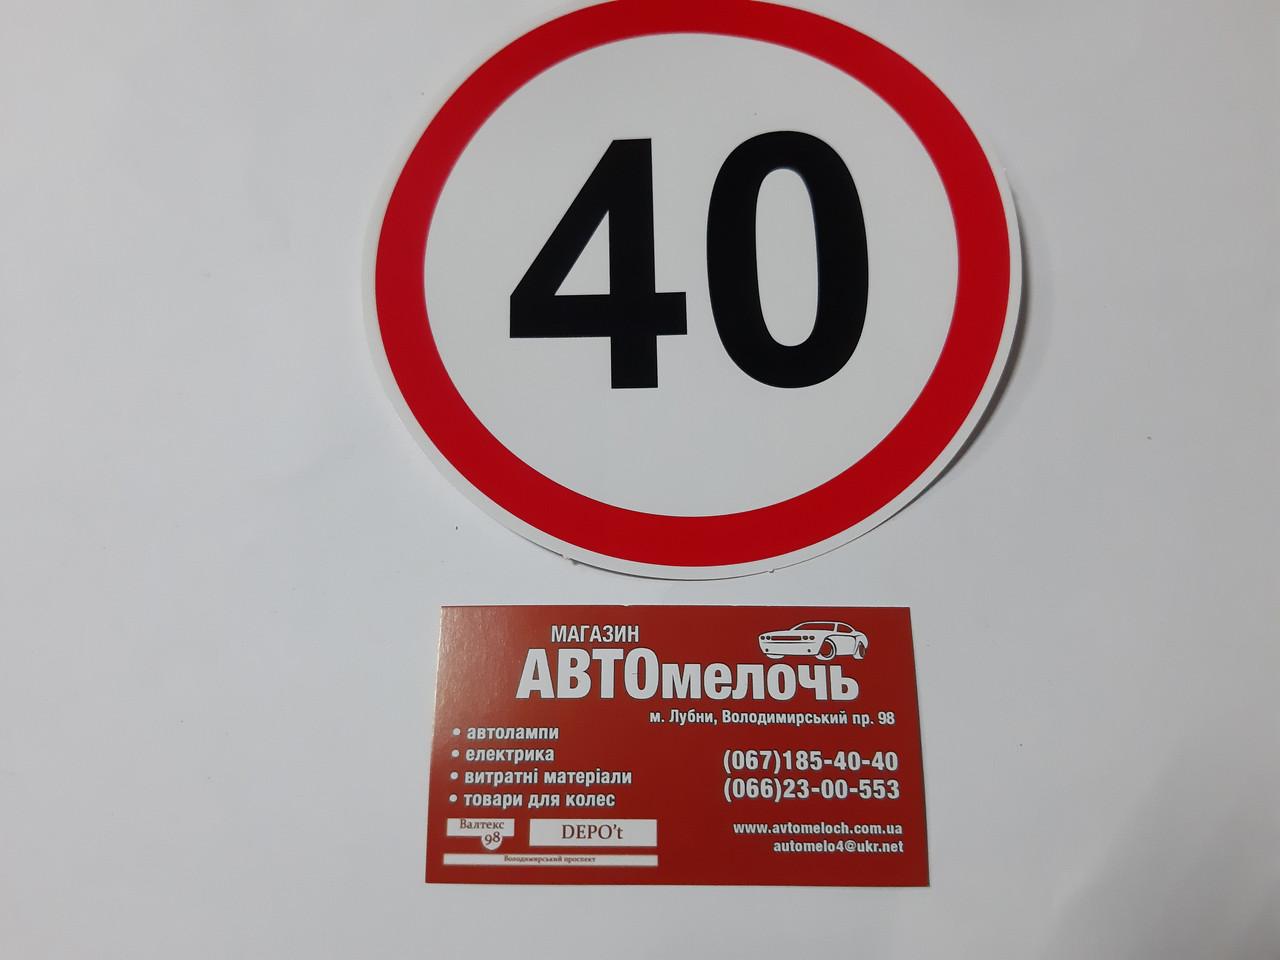 Наклейка обмеження 40 км